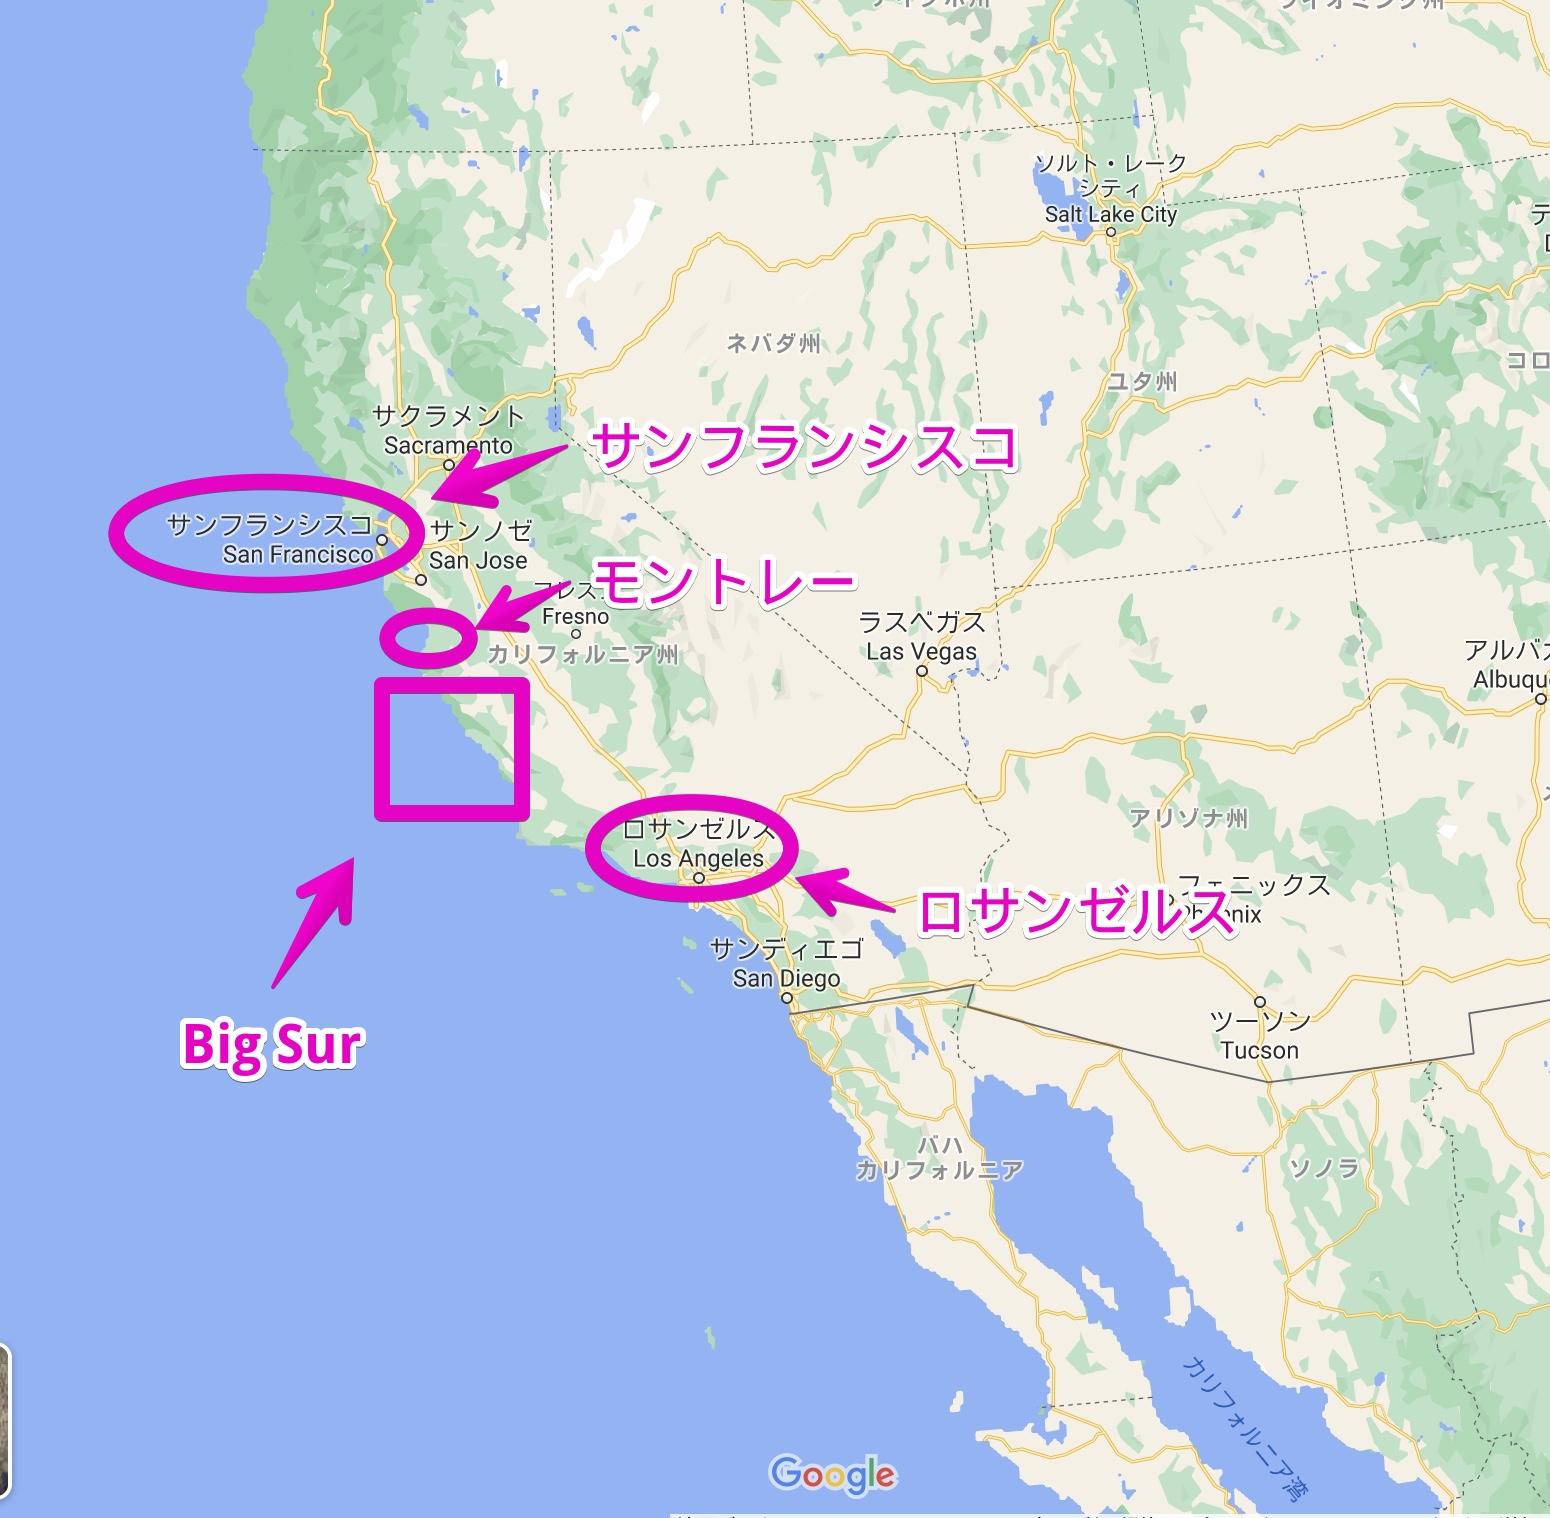 Big Surの位置を示す地図